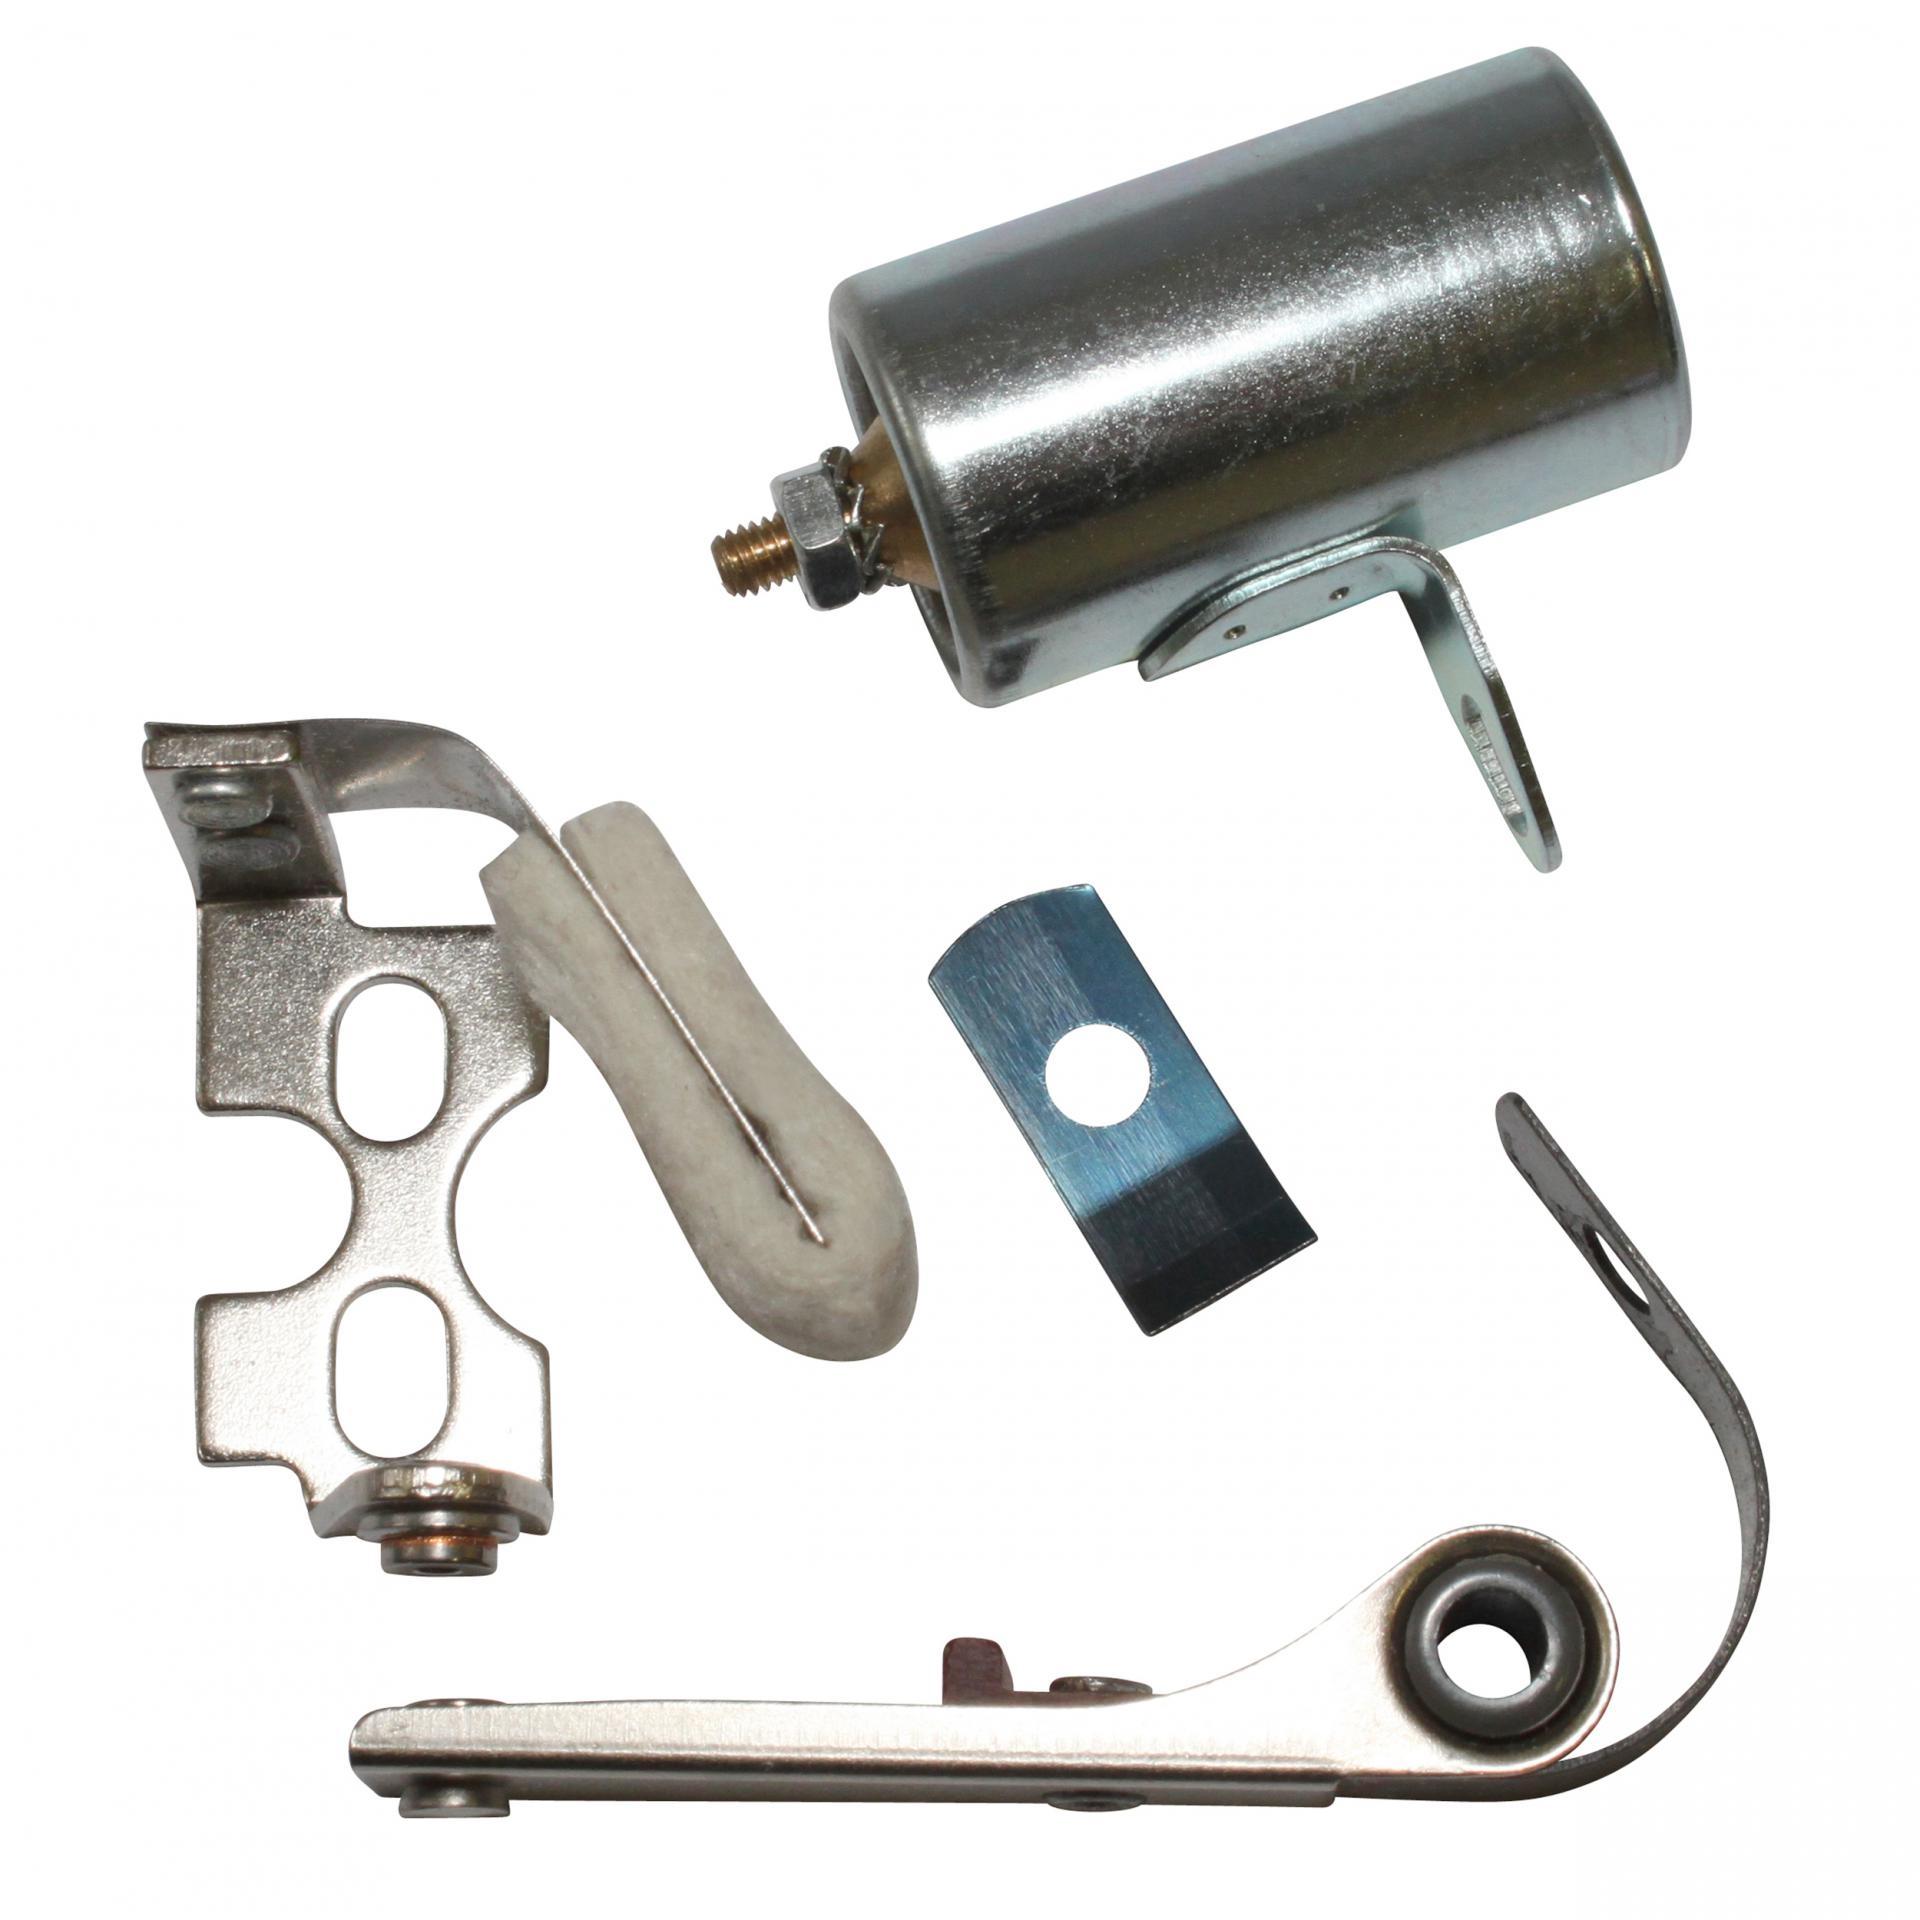 Rupteur avec condensateur pour Solex